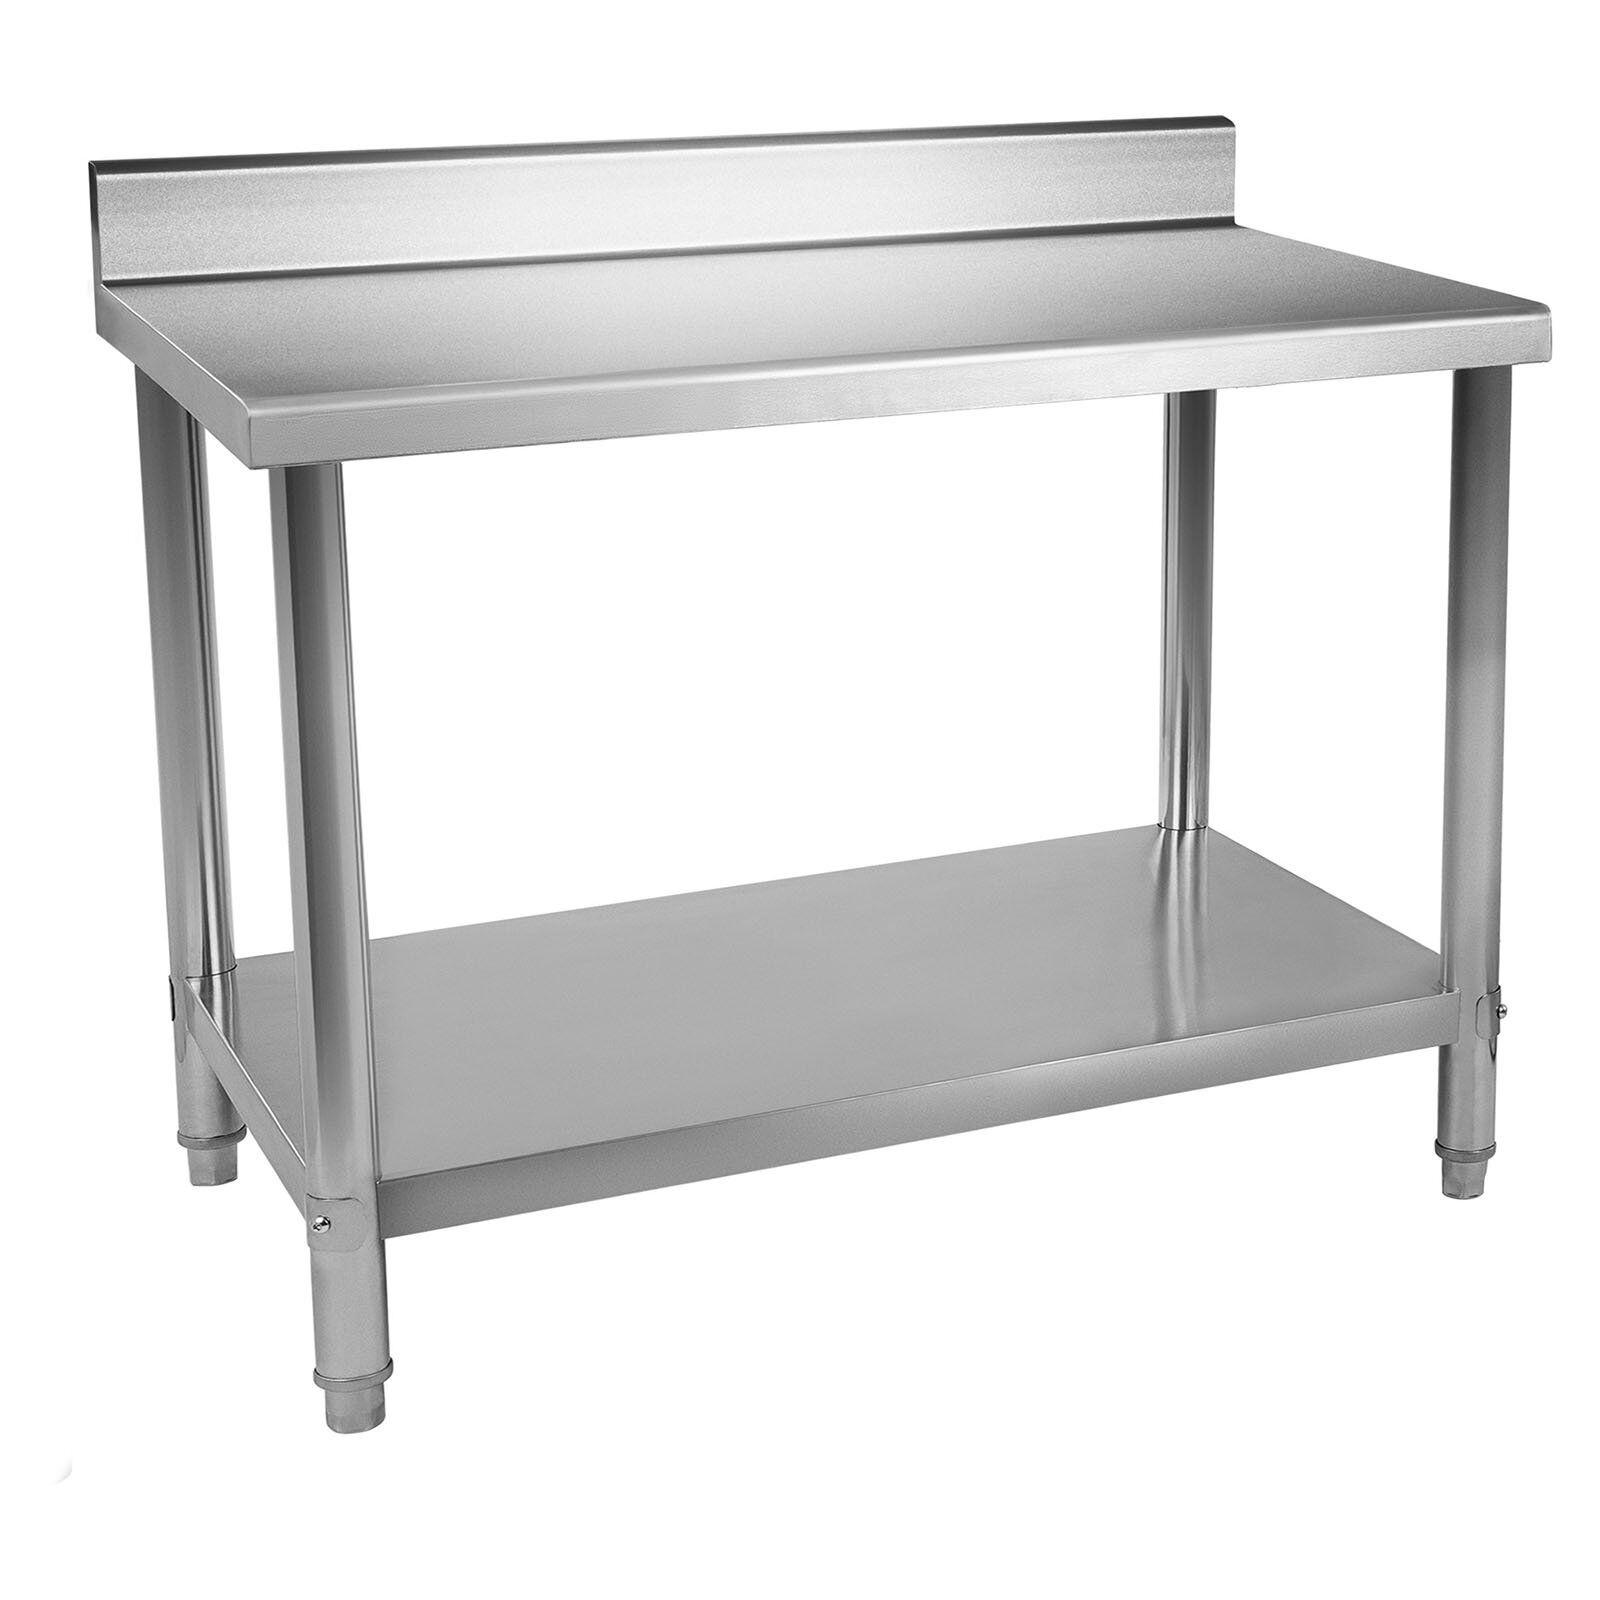 Royal Catering Arbeidsbenk i rustfritt stål - 100 x 60 cm - Beskyttelseskant